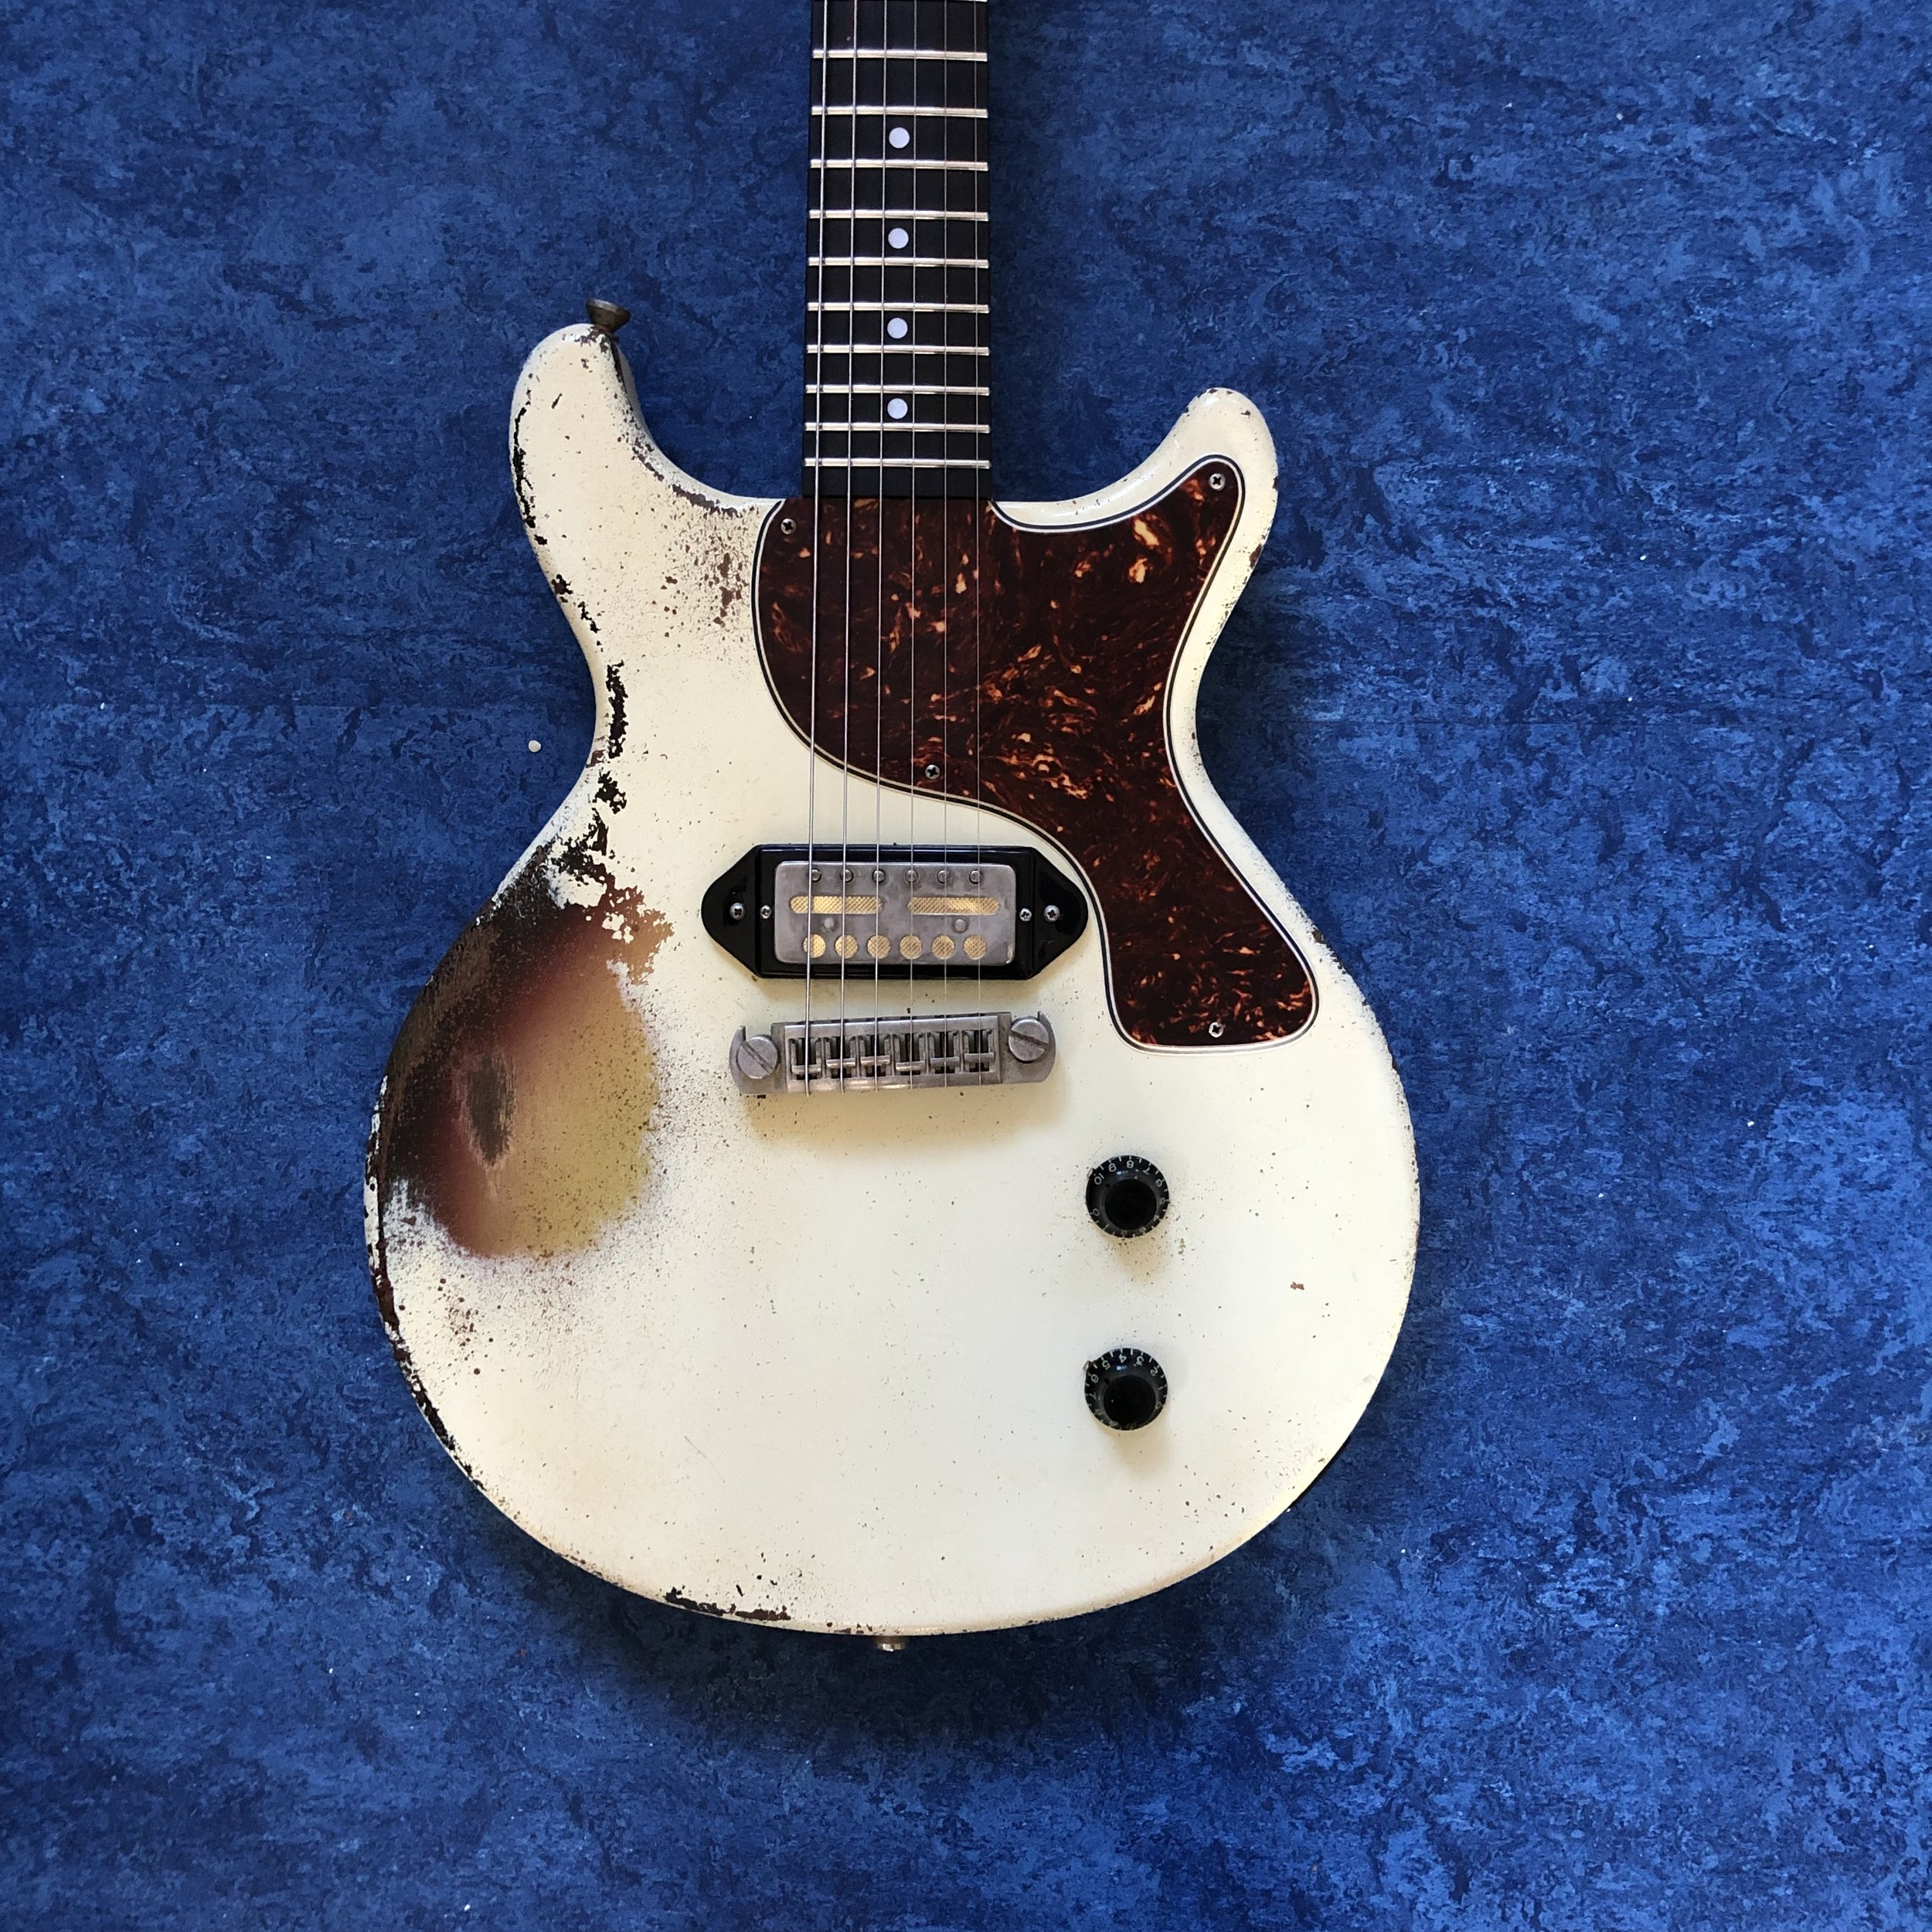 thunders-guitar-body.jpg